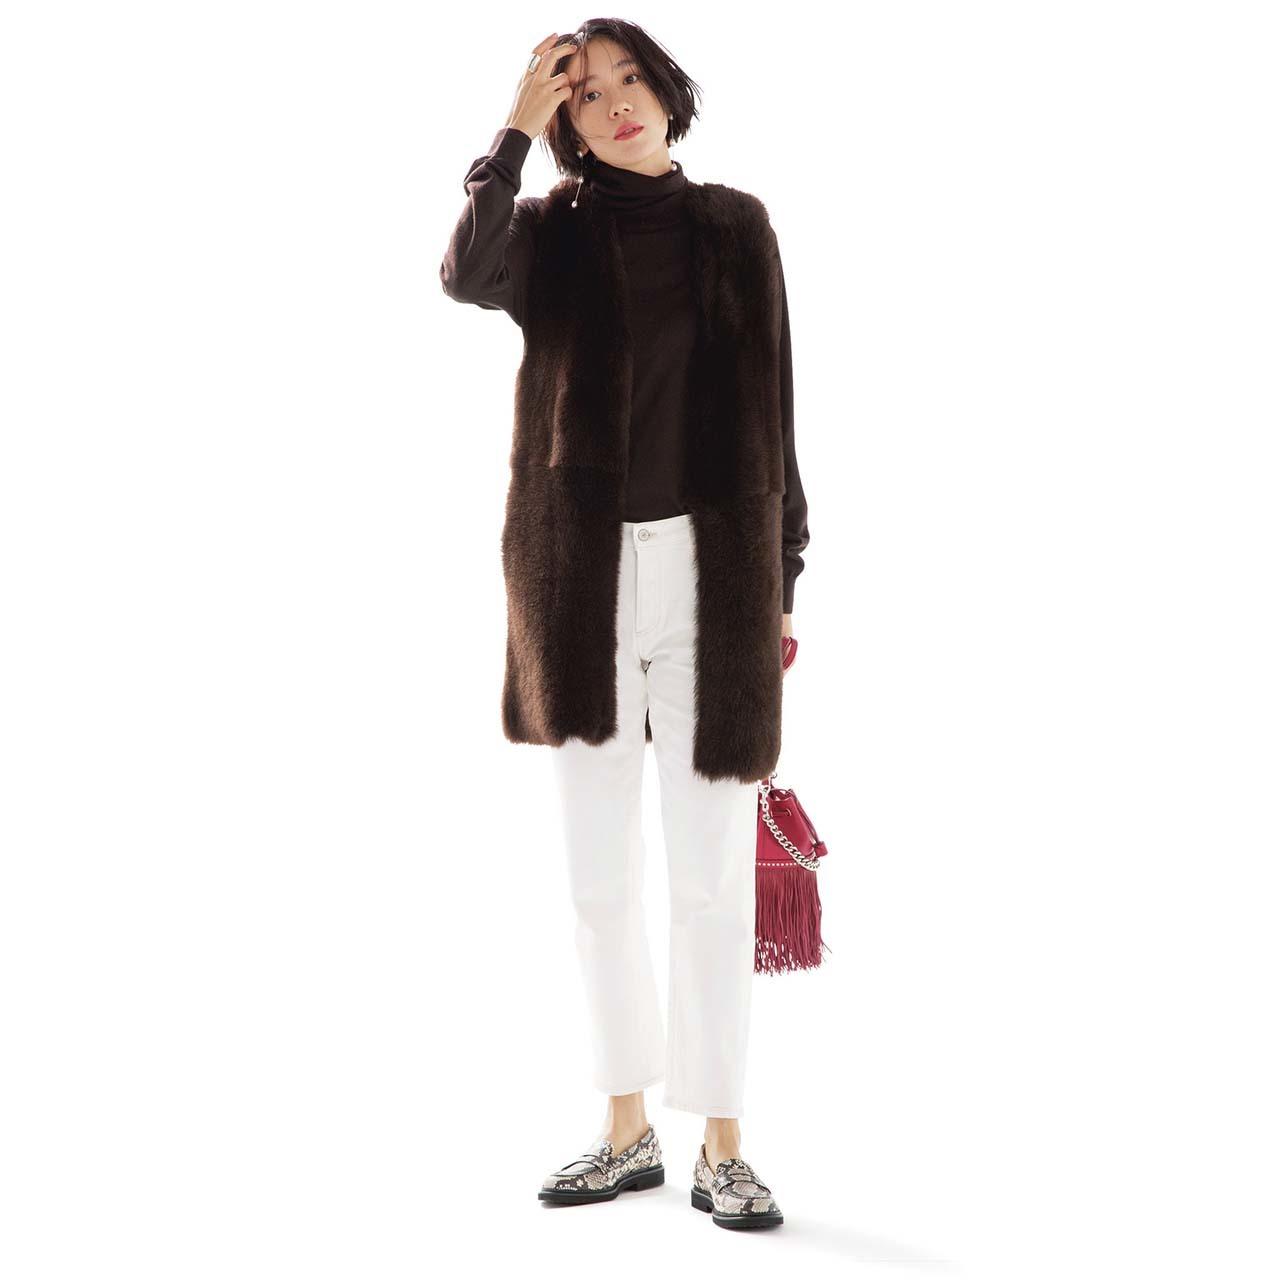 ブラウンのファージレ×白デニムパンツコーデを着たモデルの竹内友梨さん